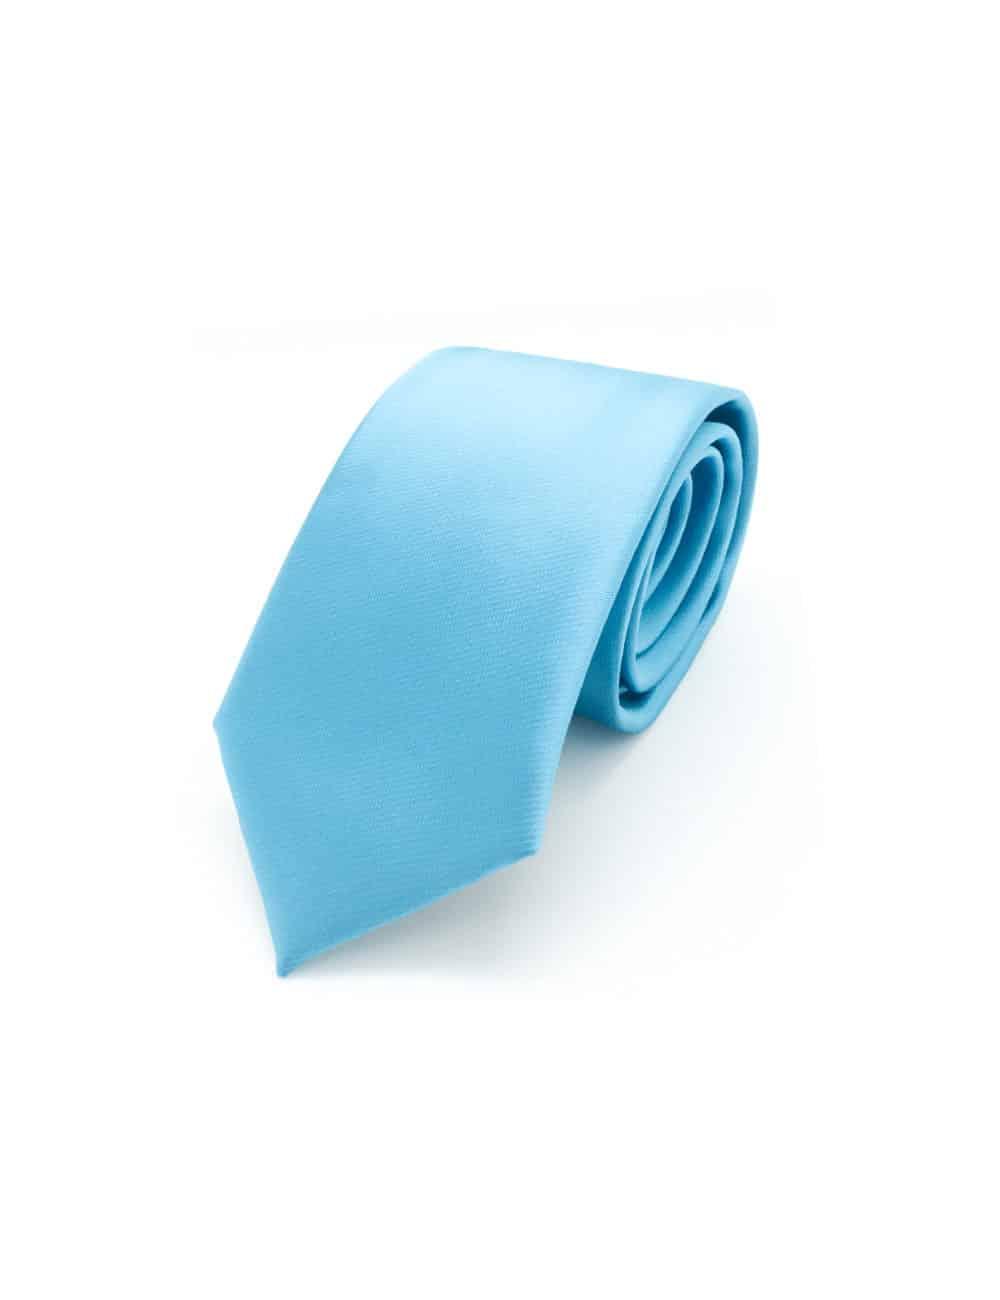 Solid Vivid Blue Woven Necktie NT13.9